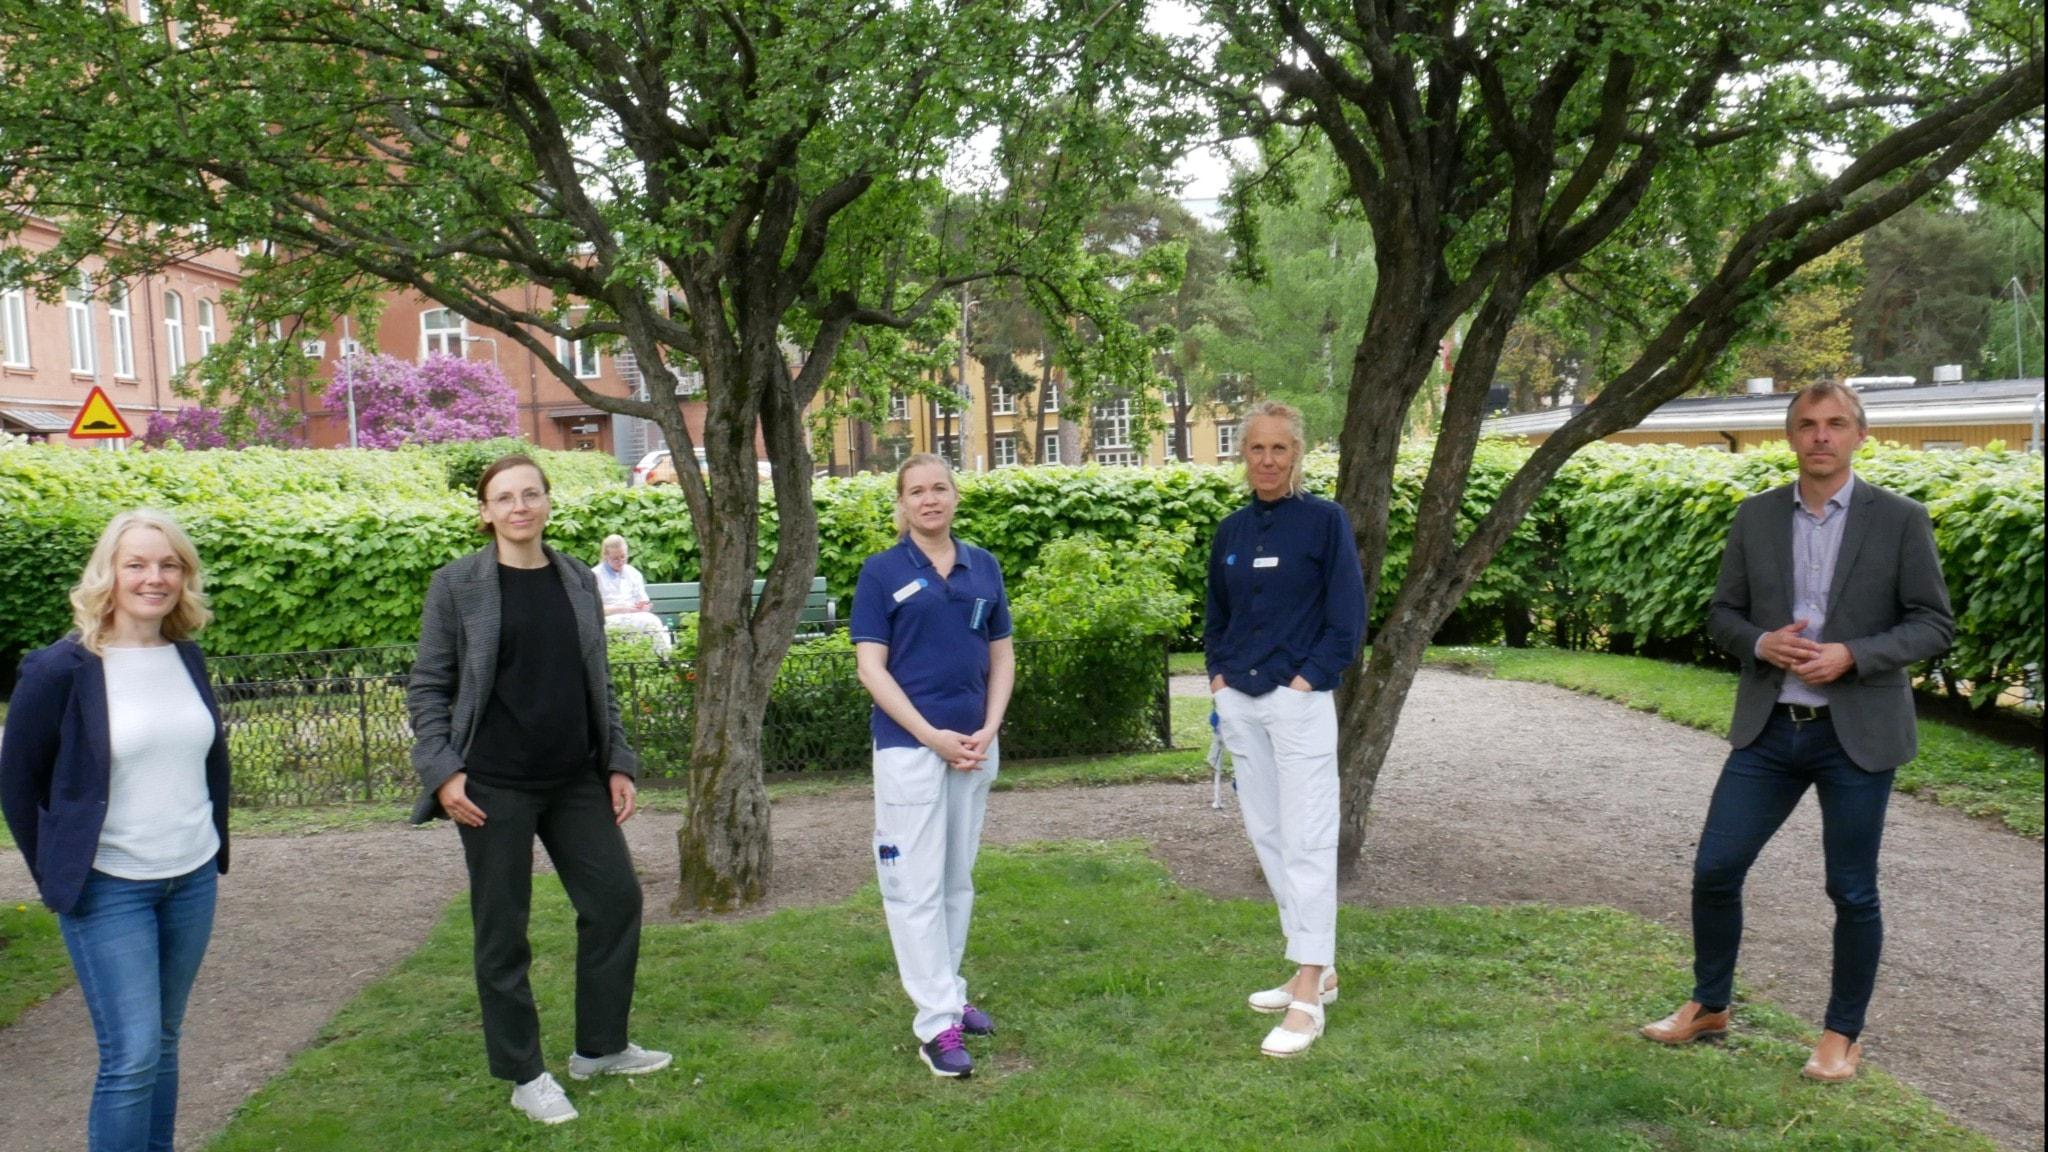 De fem personerna som är med programmet står på coronaavstånd under två träd